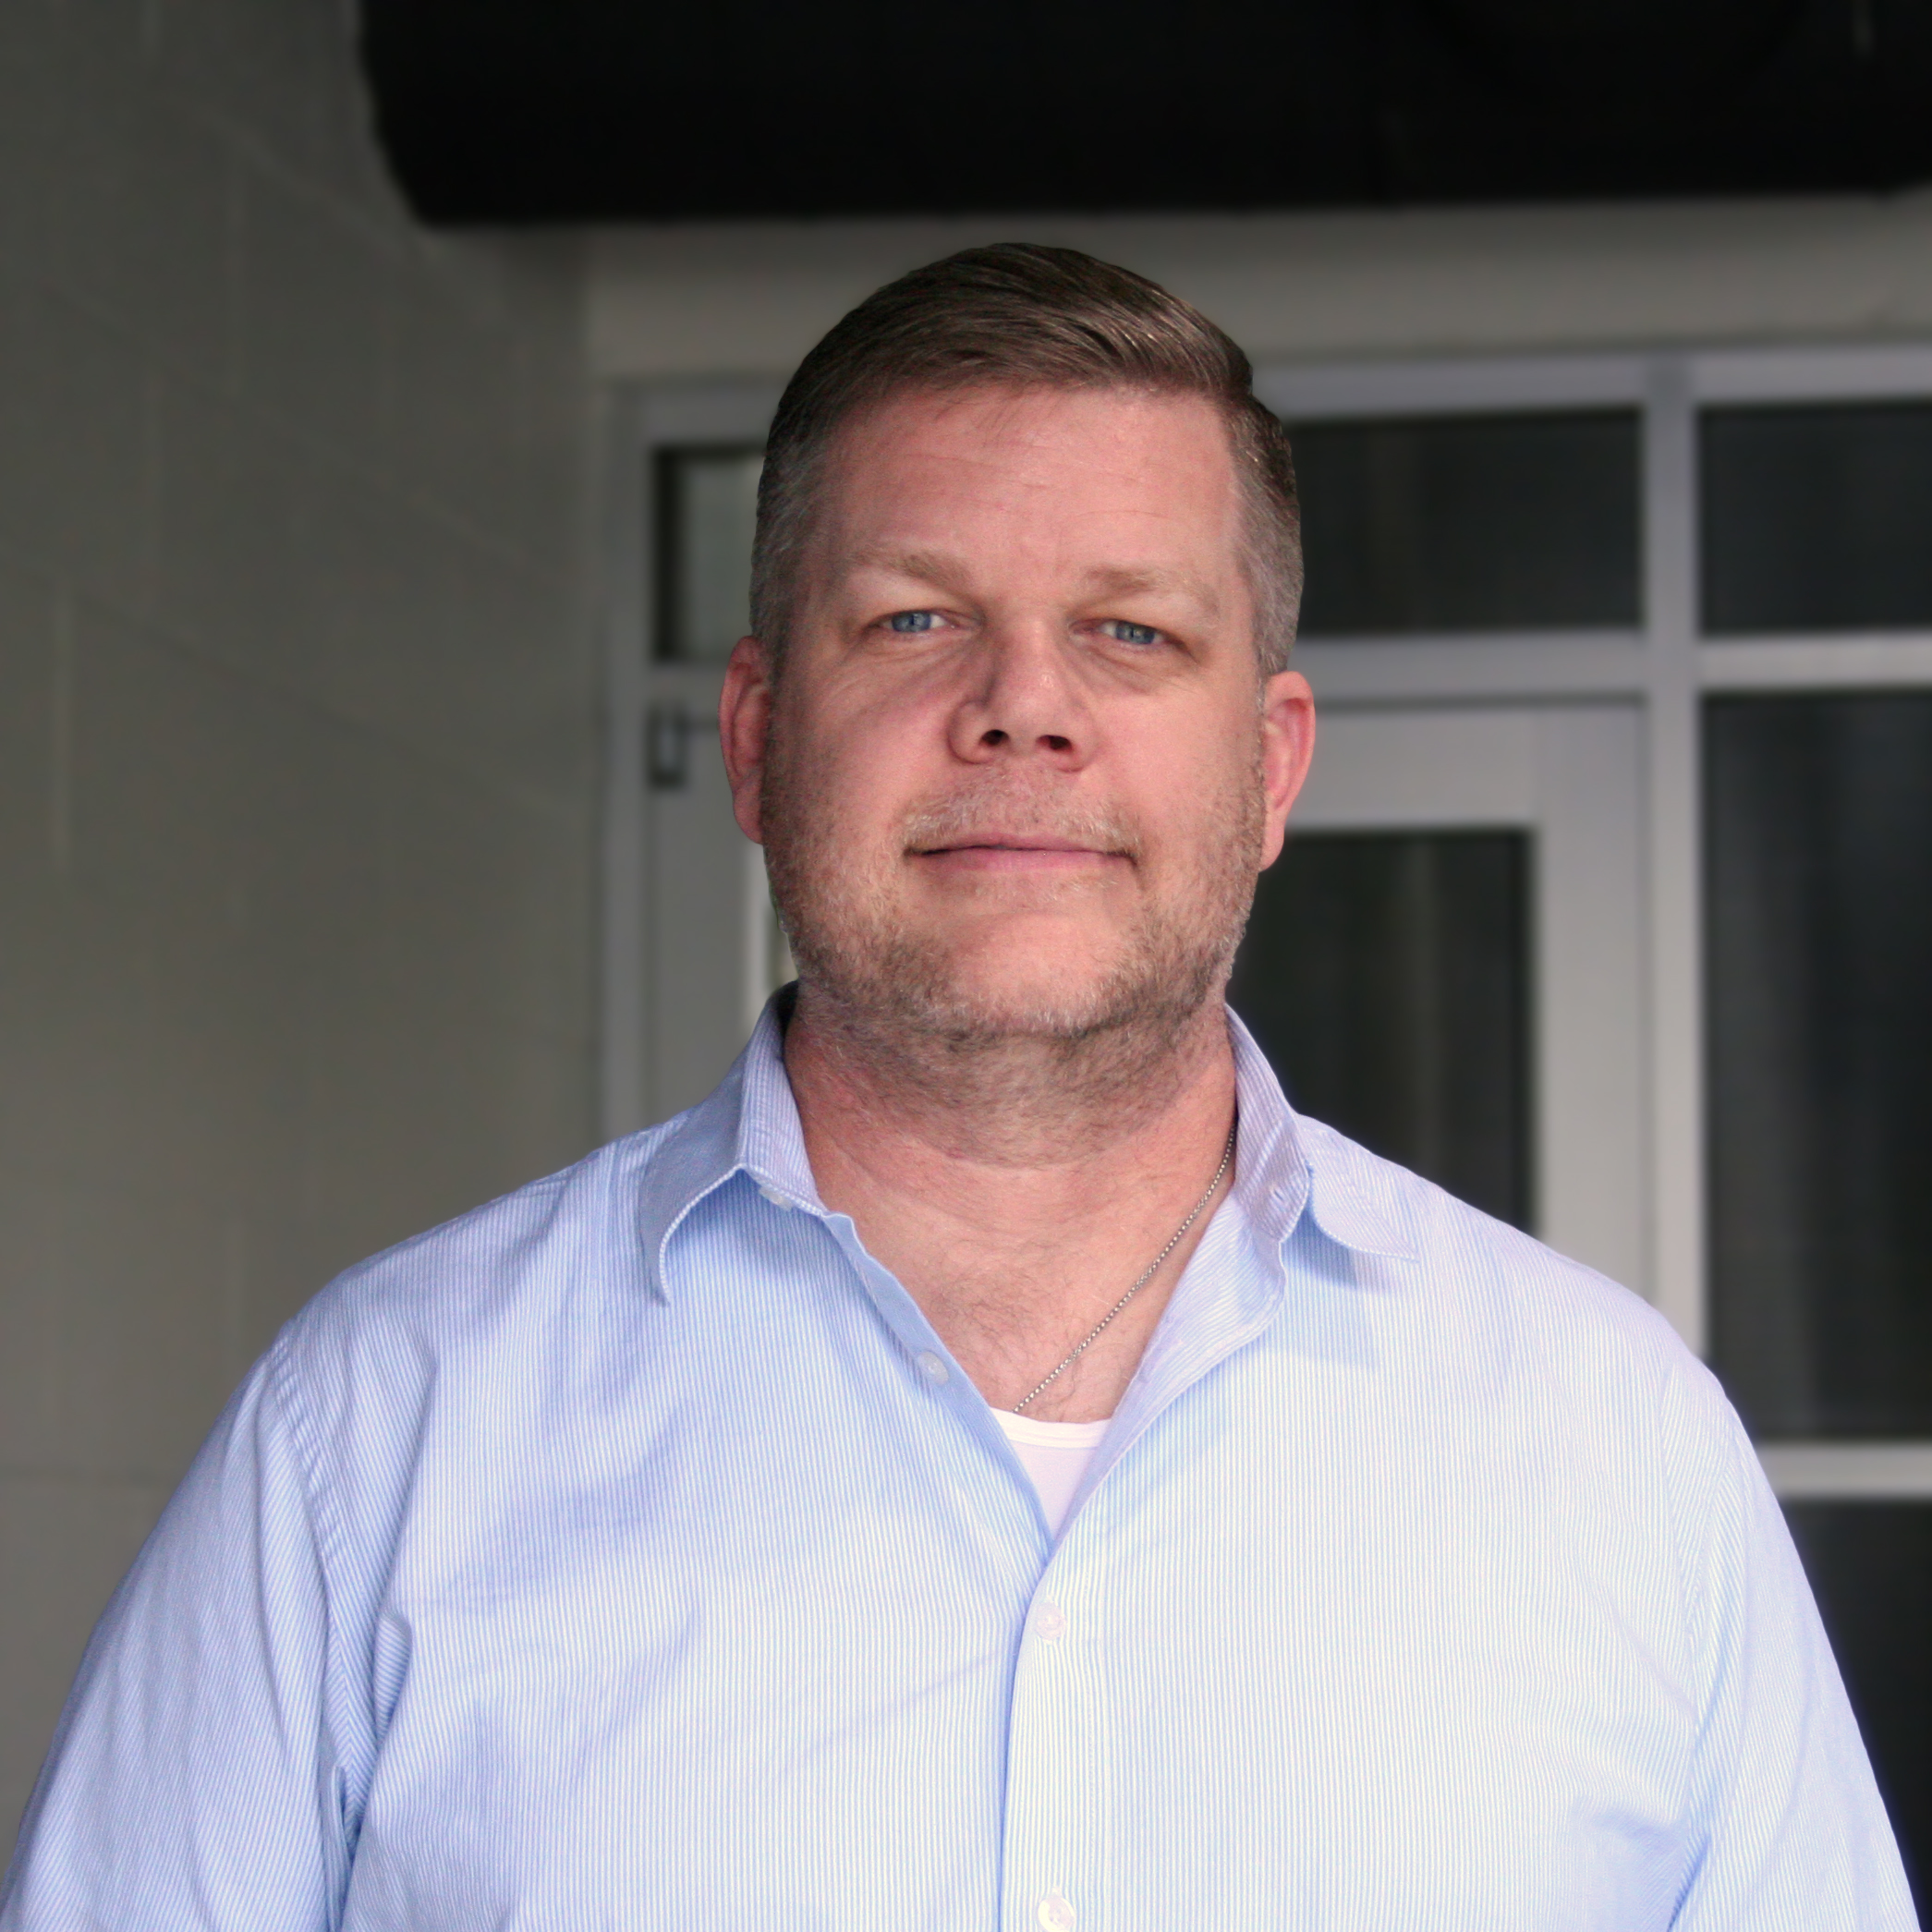 Brian Kolb